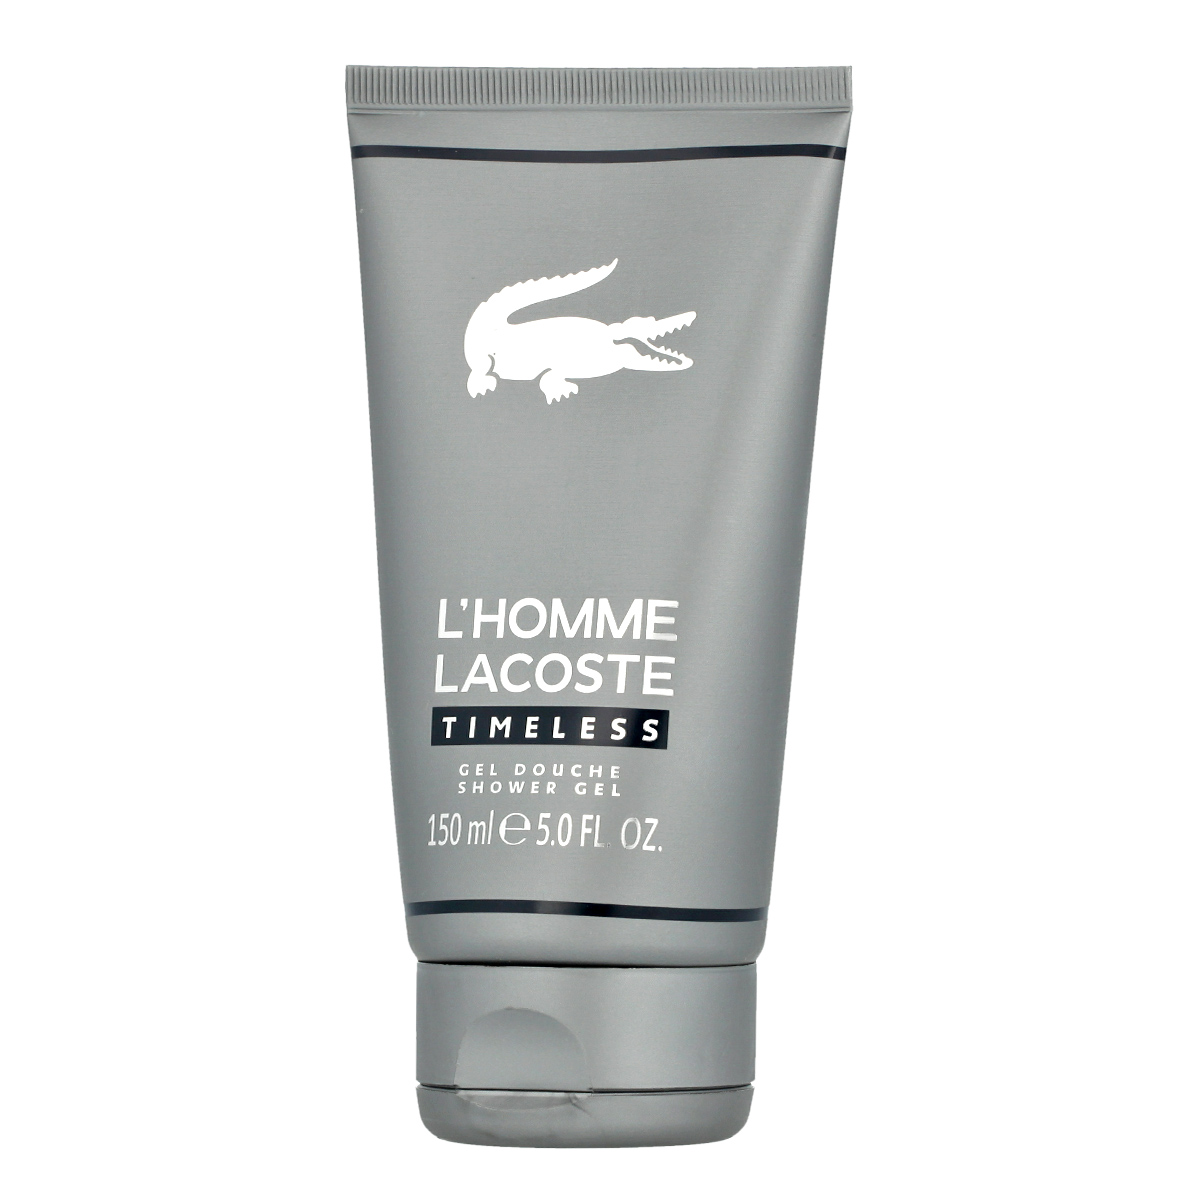 Lacoste L'Homme Lacoste Timeless Duschgel 150 ml (man) 101516